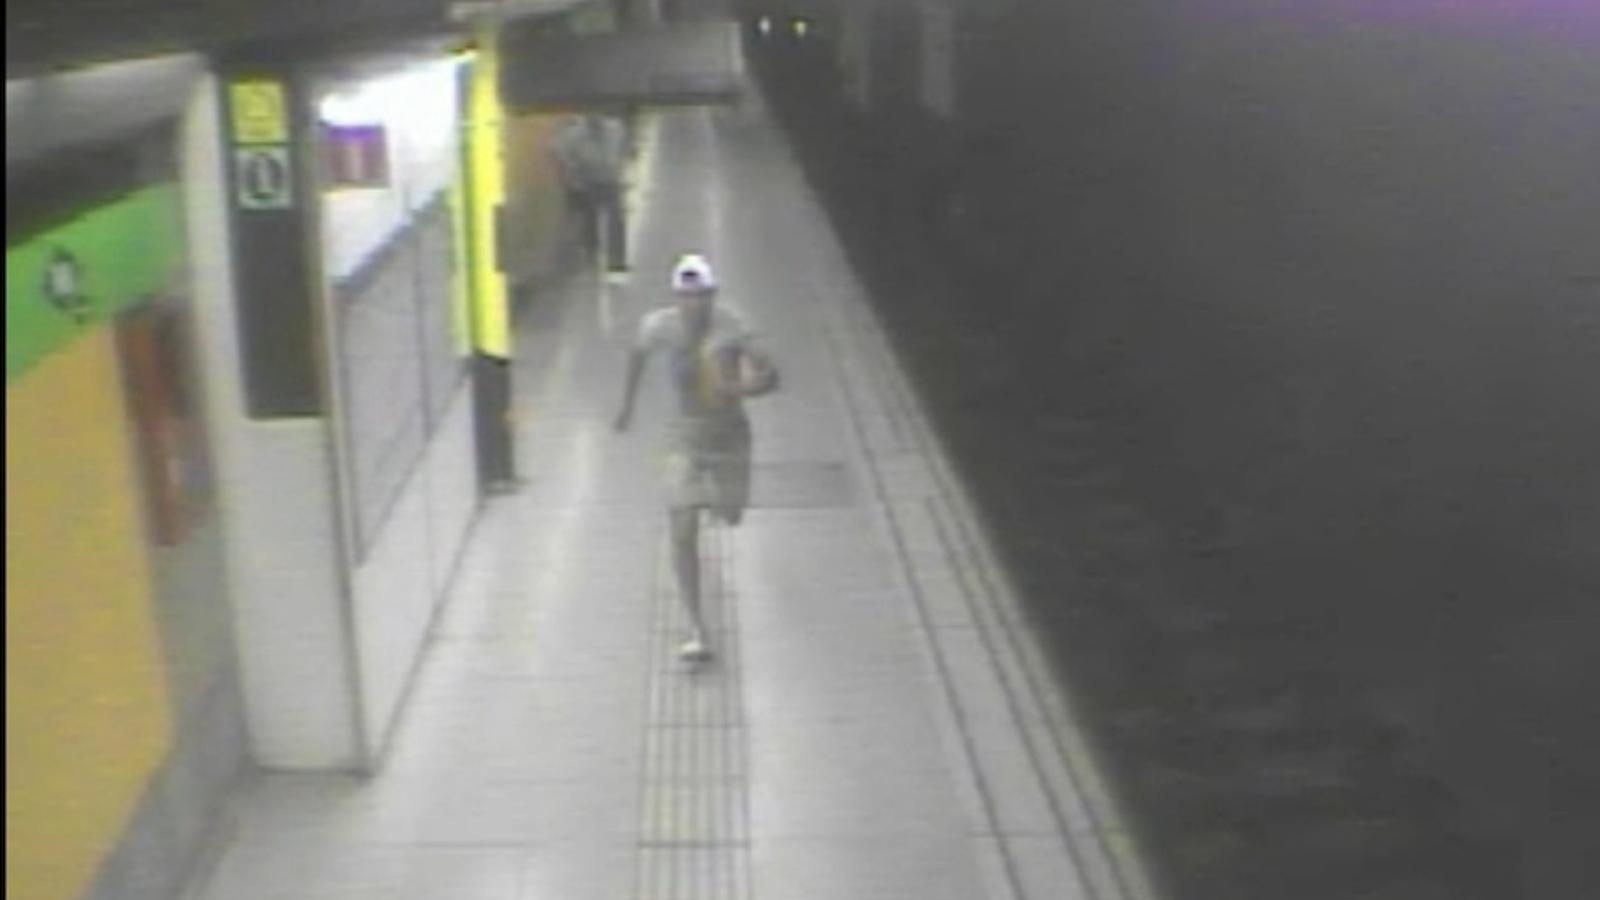 El lladre del metro que feia estrebades, captat per les càmeres de seguretat